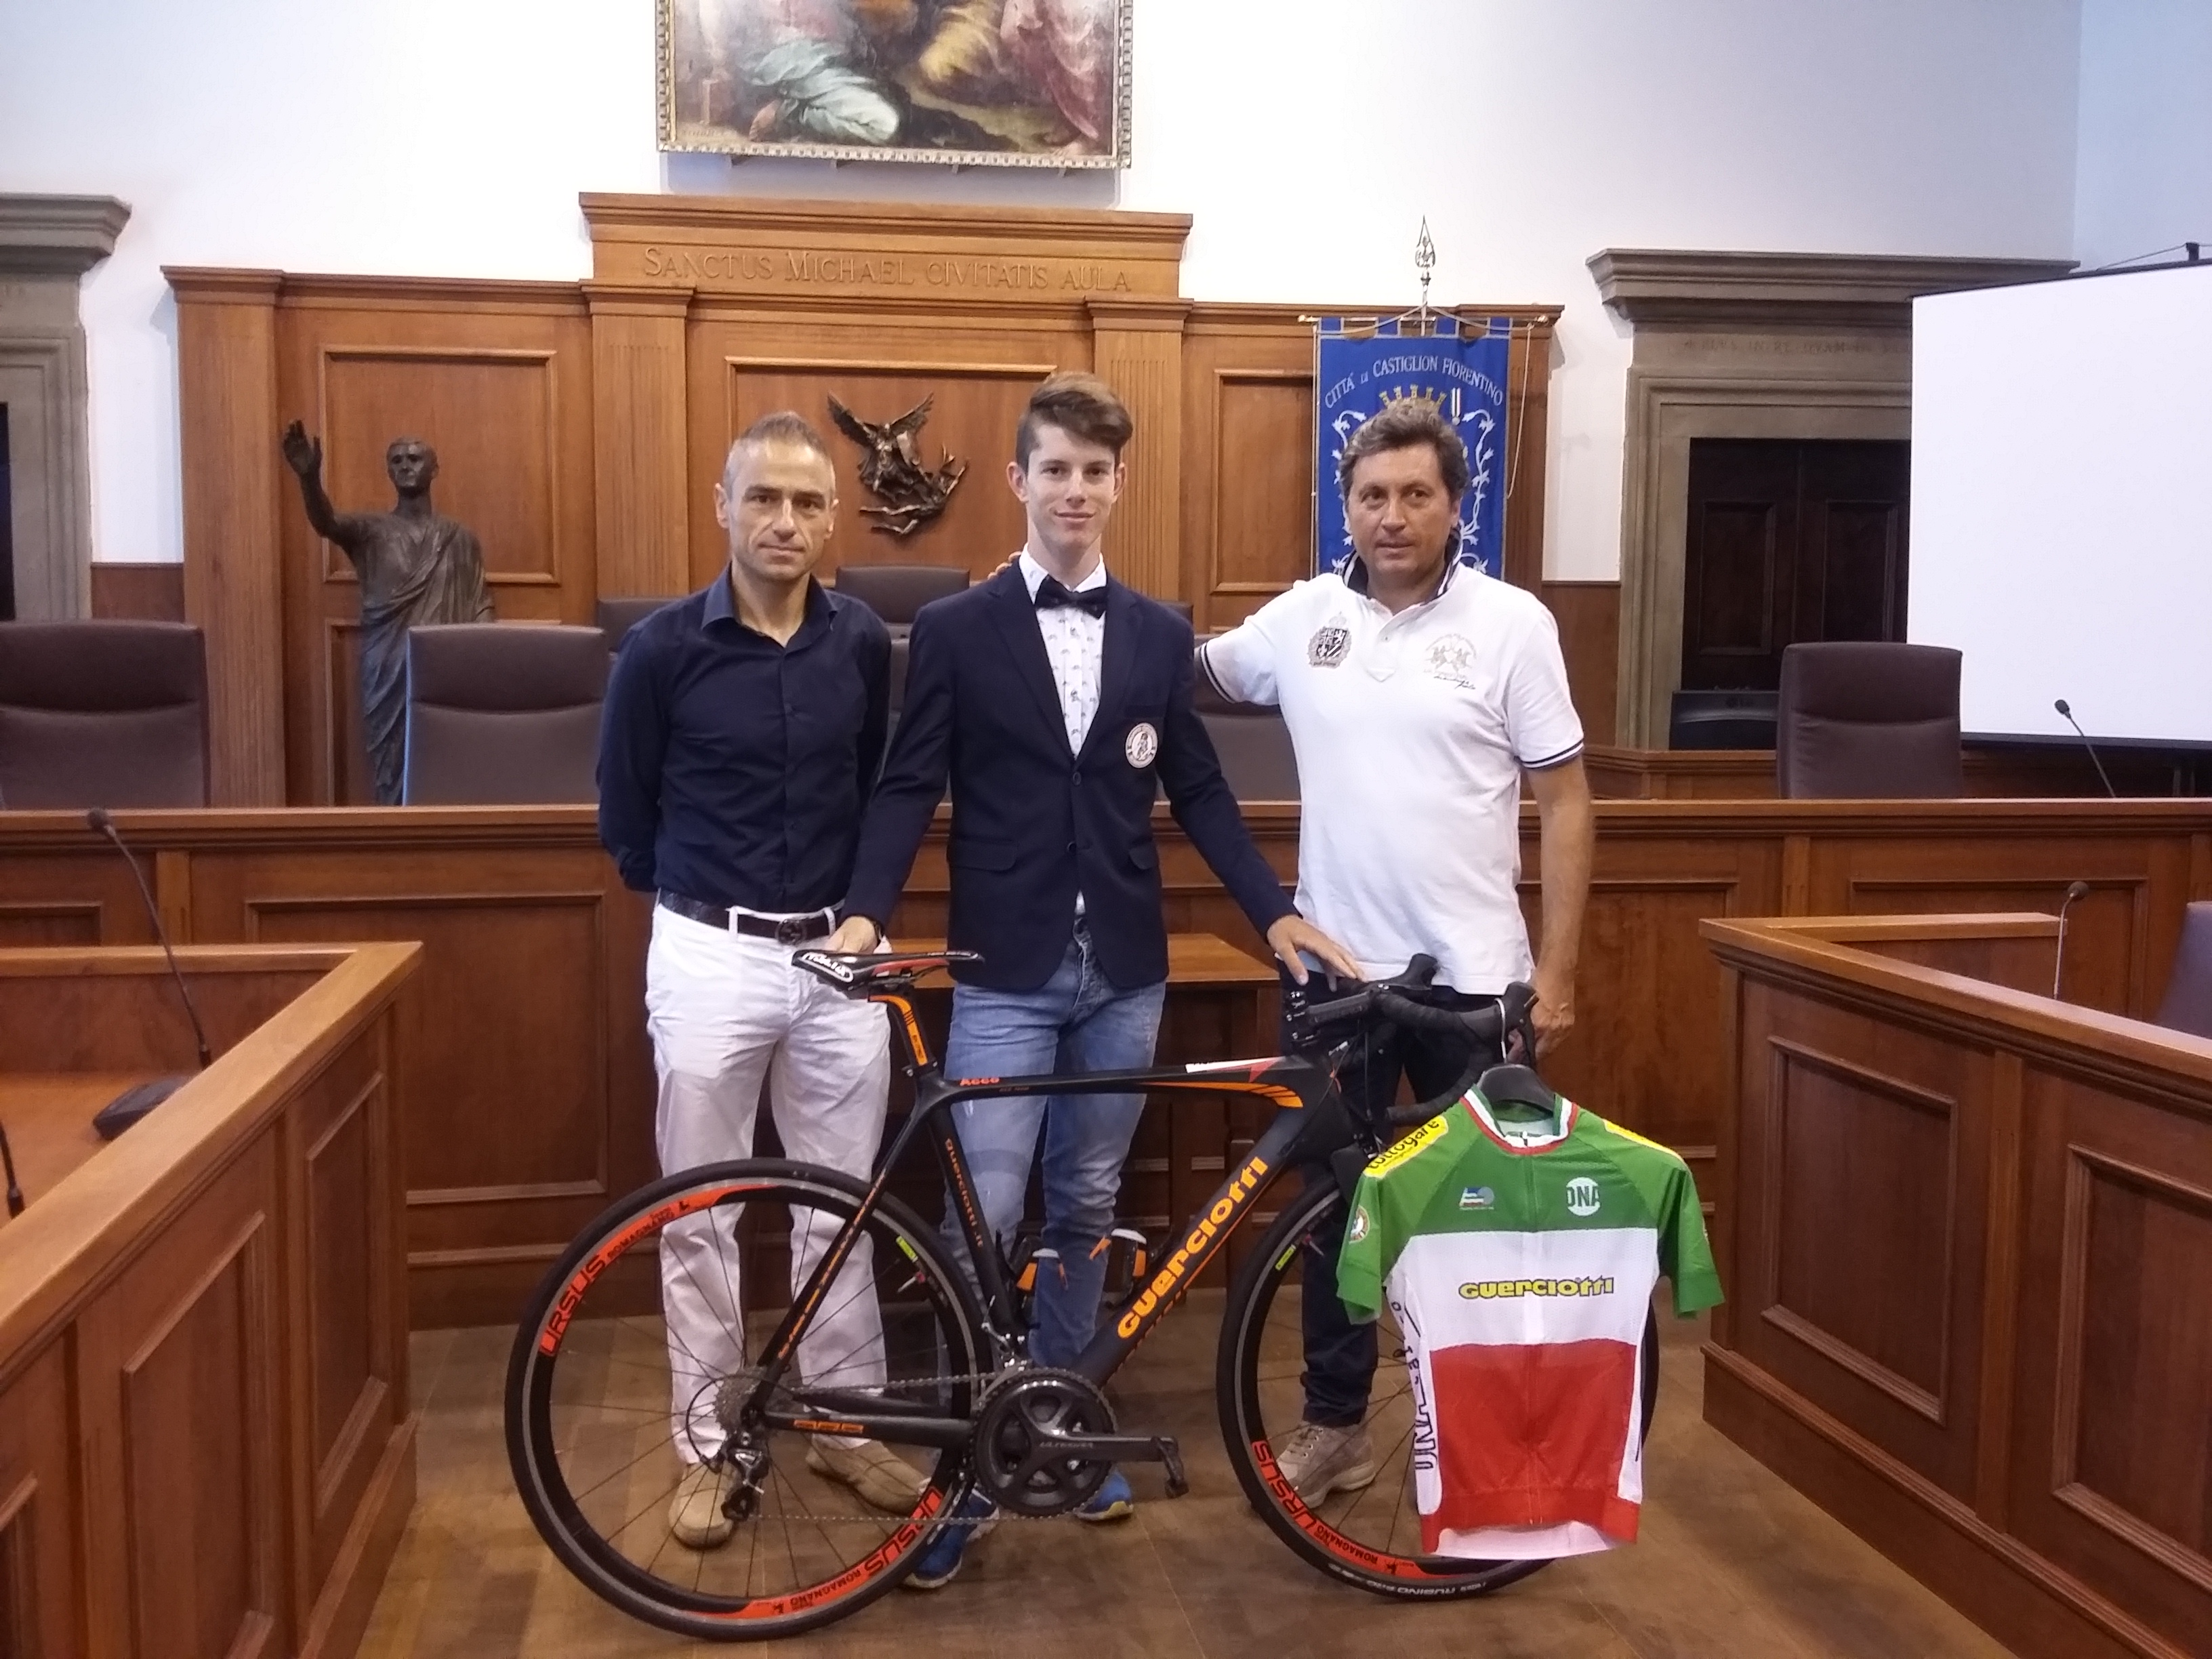 Alessio Acco, campione italiano di ciclismo juniores, ricevuto in Comune